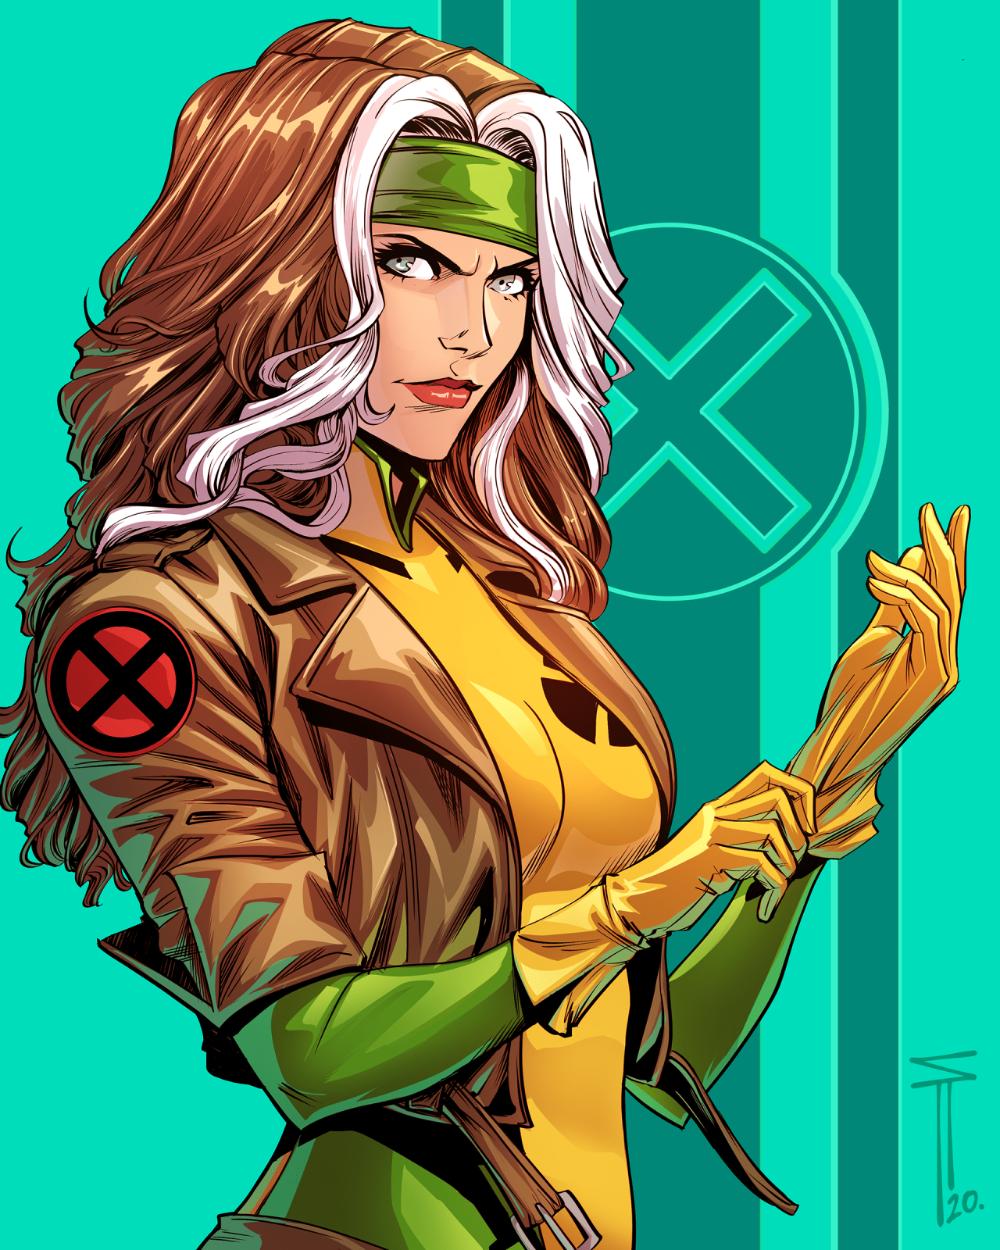 90s Rogue Serg Acuna In 2020 Marvel Rogue Xmen Comics Marvel Comics Art